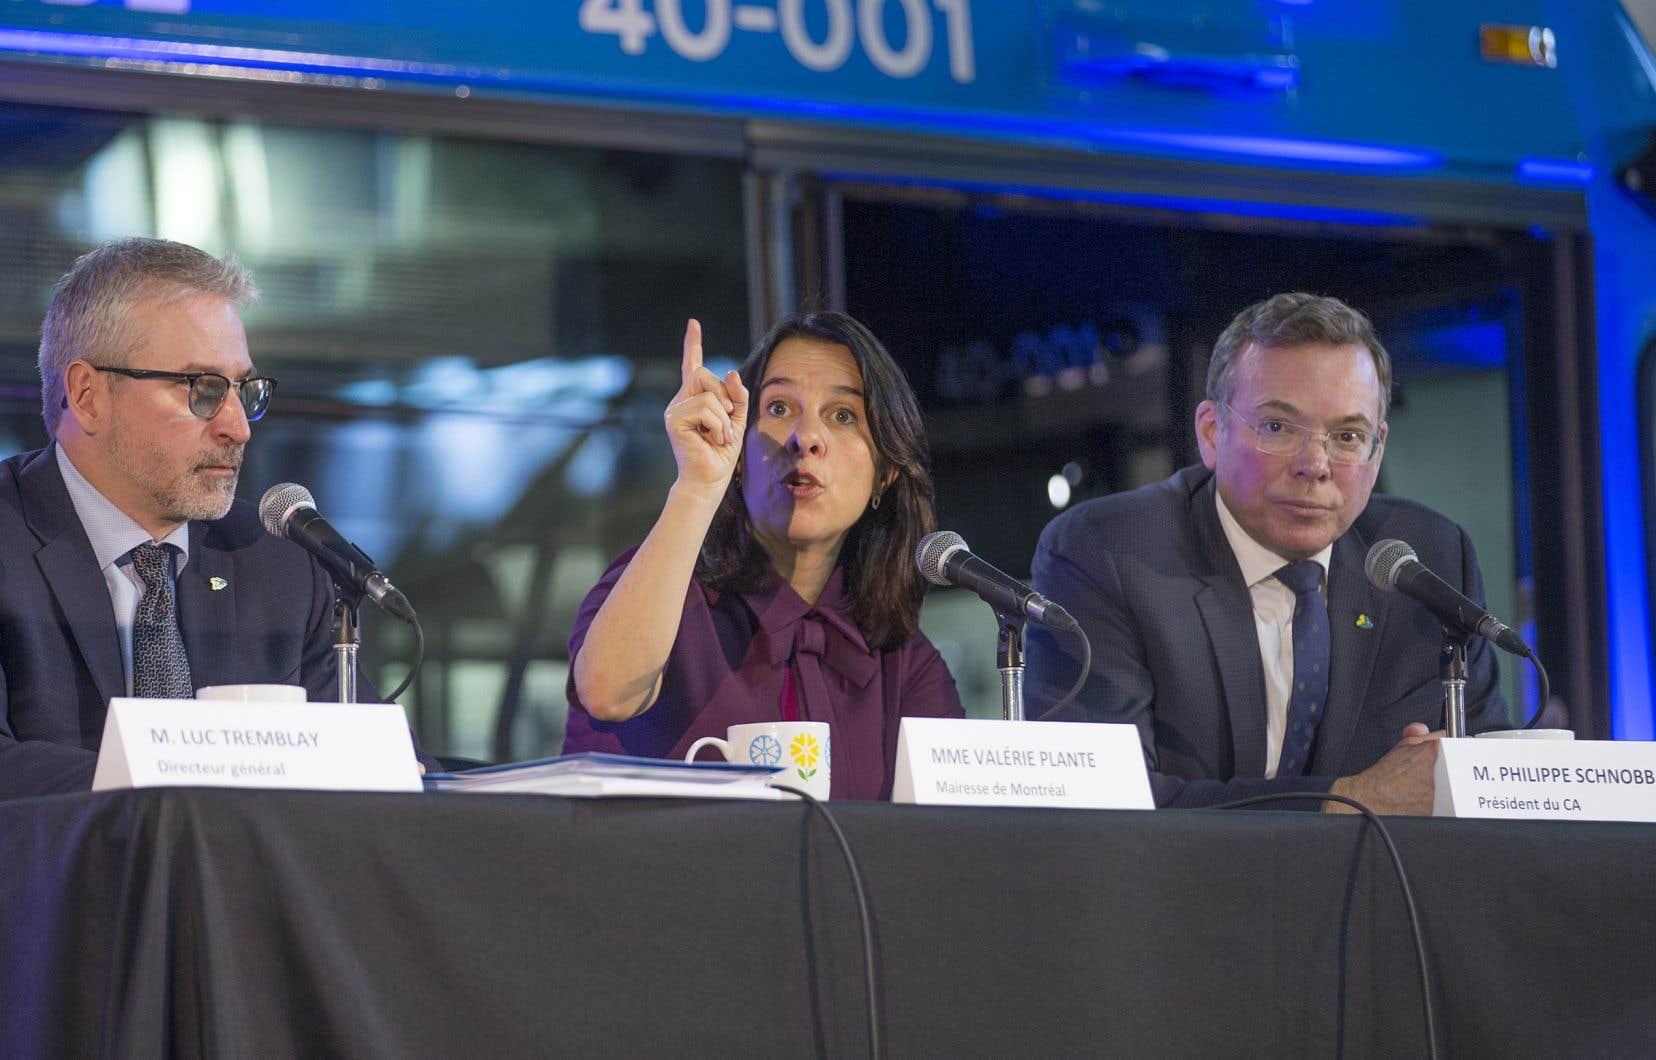 Promesse électorale de Valérie Plante il y a deux ans, la livraison des 300 autobus, au rythme de 30 par mois, sera assortie d'un ajout de 265000 heures de service dans le réseau de surface.